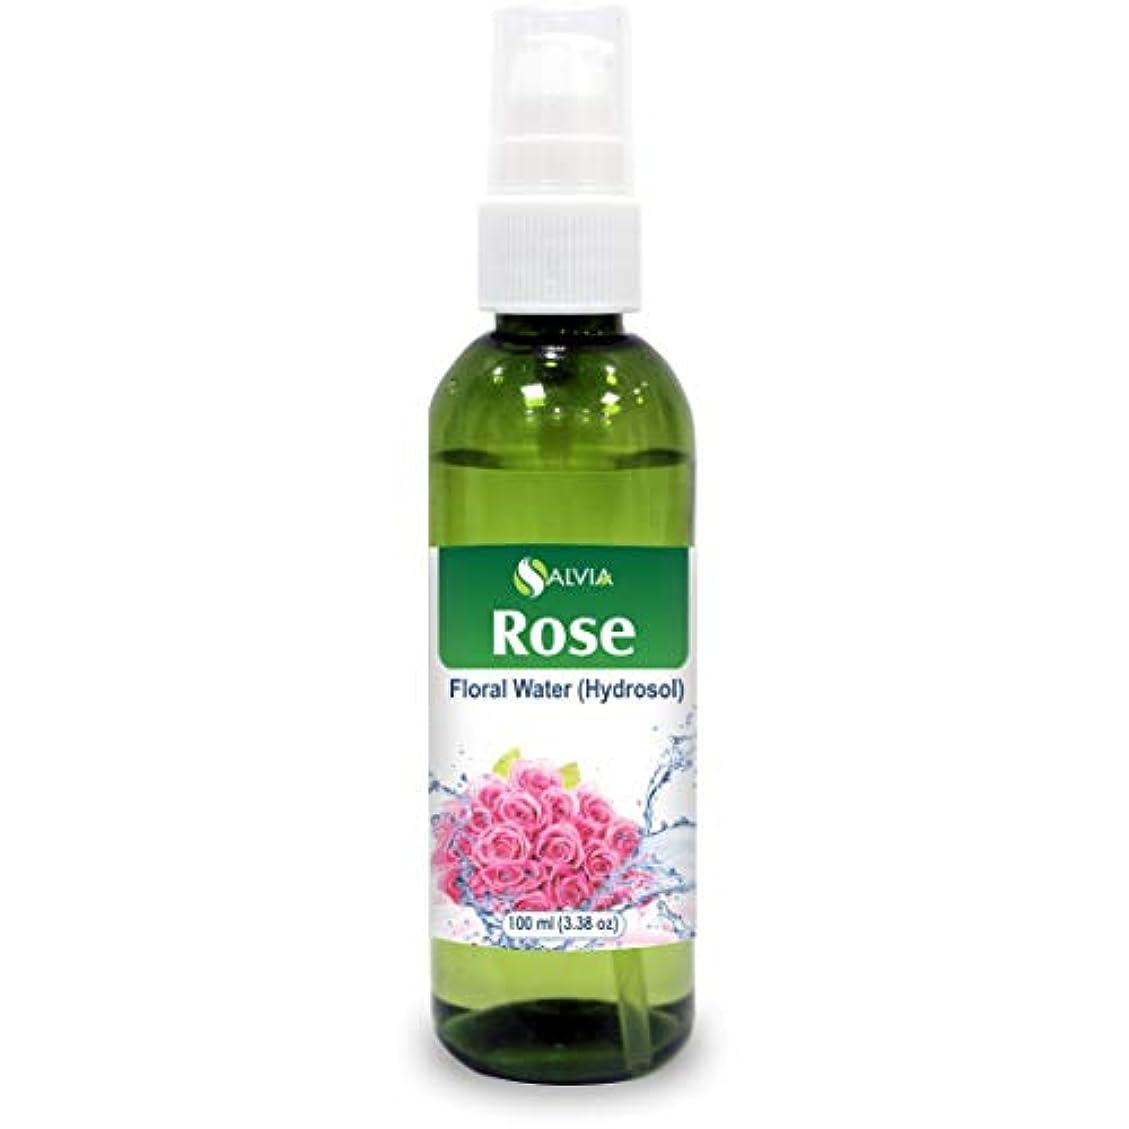 バナナヘア怠惰Rose Floral Water 100ml (Hydrosol) 100% Pure And Natural